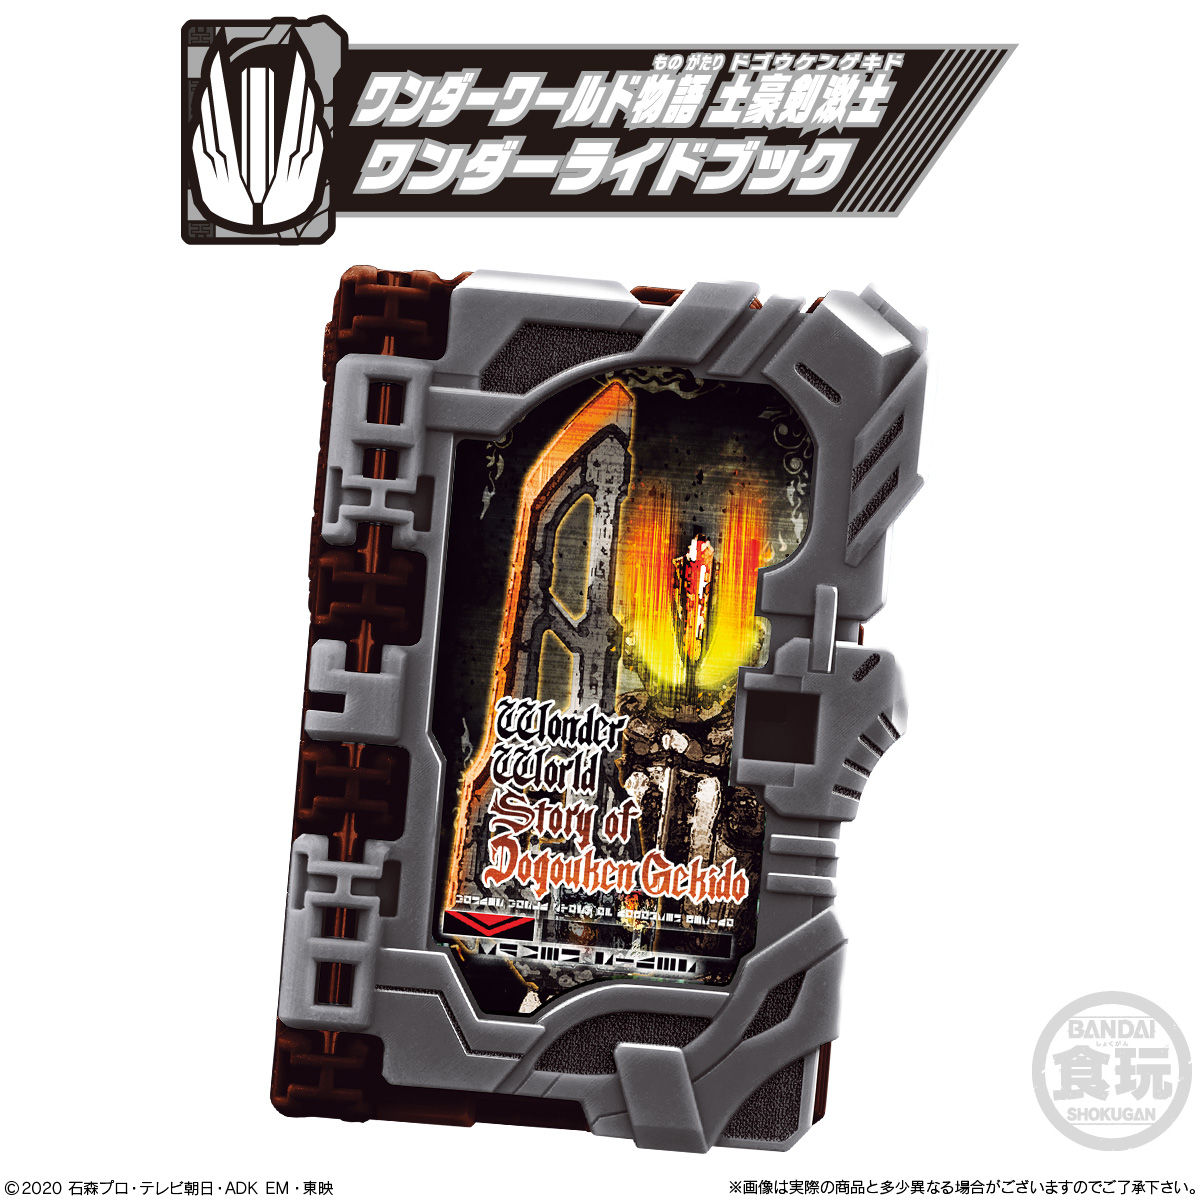 【食玩】仮面ライダーセイバー『コレクタブルワンダーライドブック SG07』8個入りBOX-002